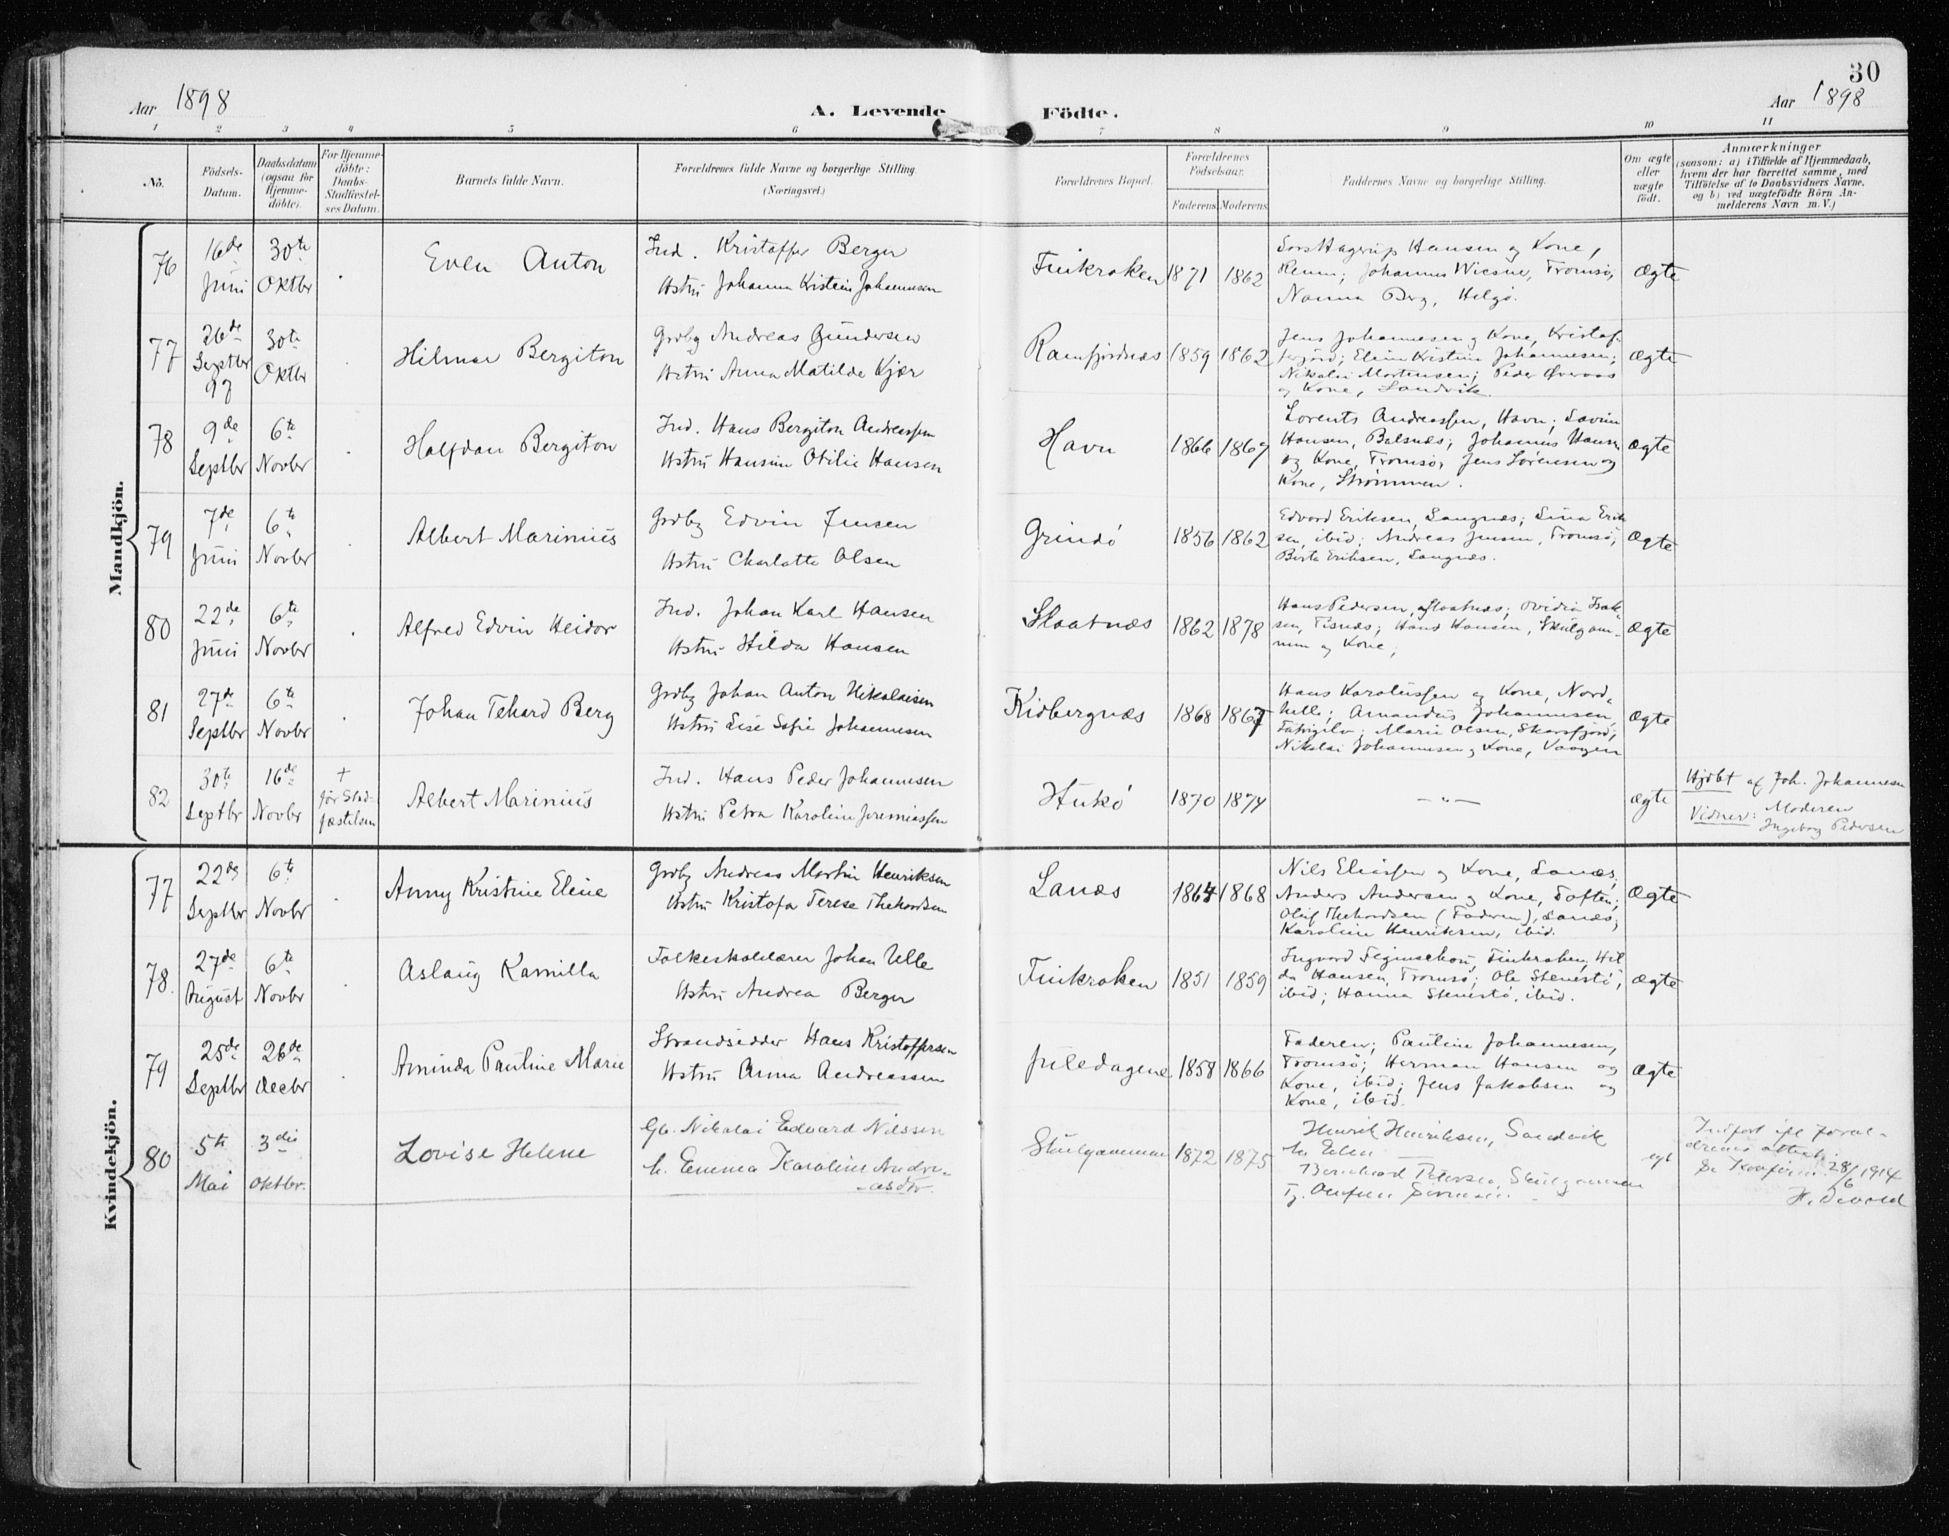 SATØ, Tromsøysund sokneprestkontor, G/Ga/L0006kirke: Ministerialbok nr. 6, 1897-1906, s. 30